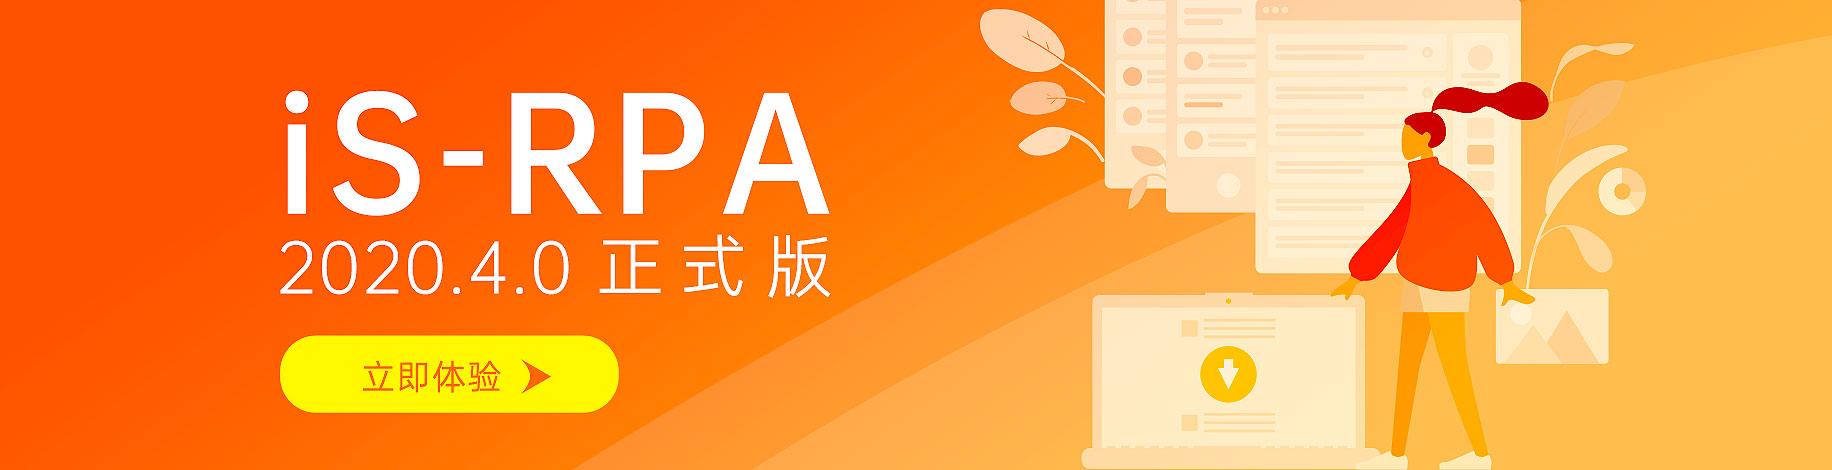 社区RPA下载banner